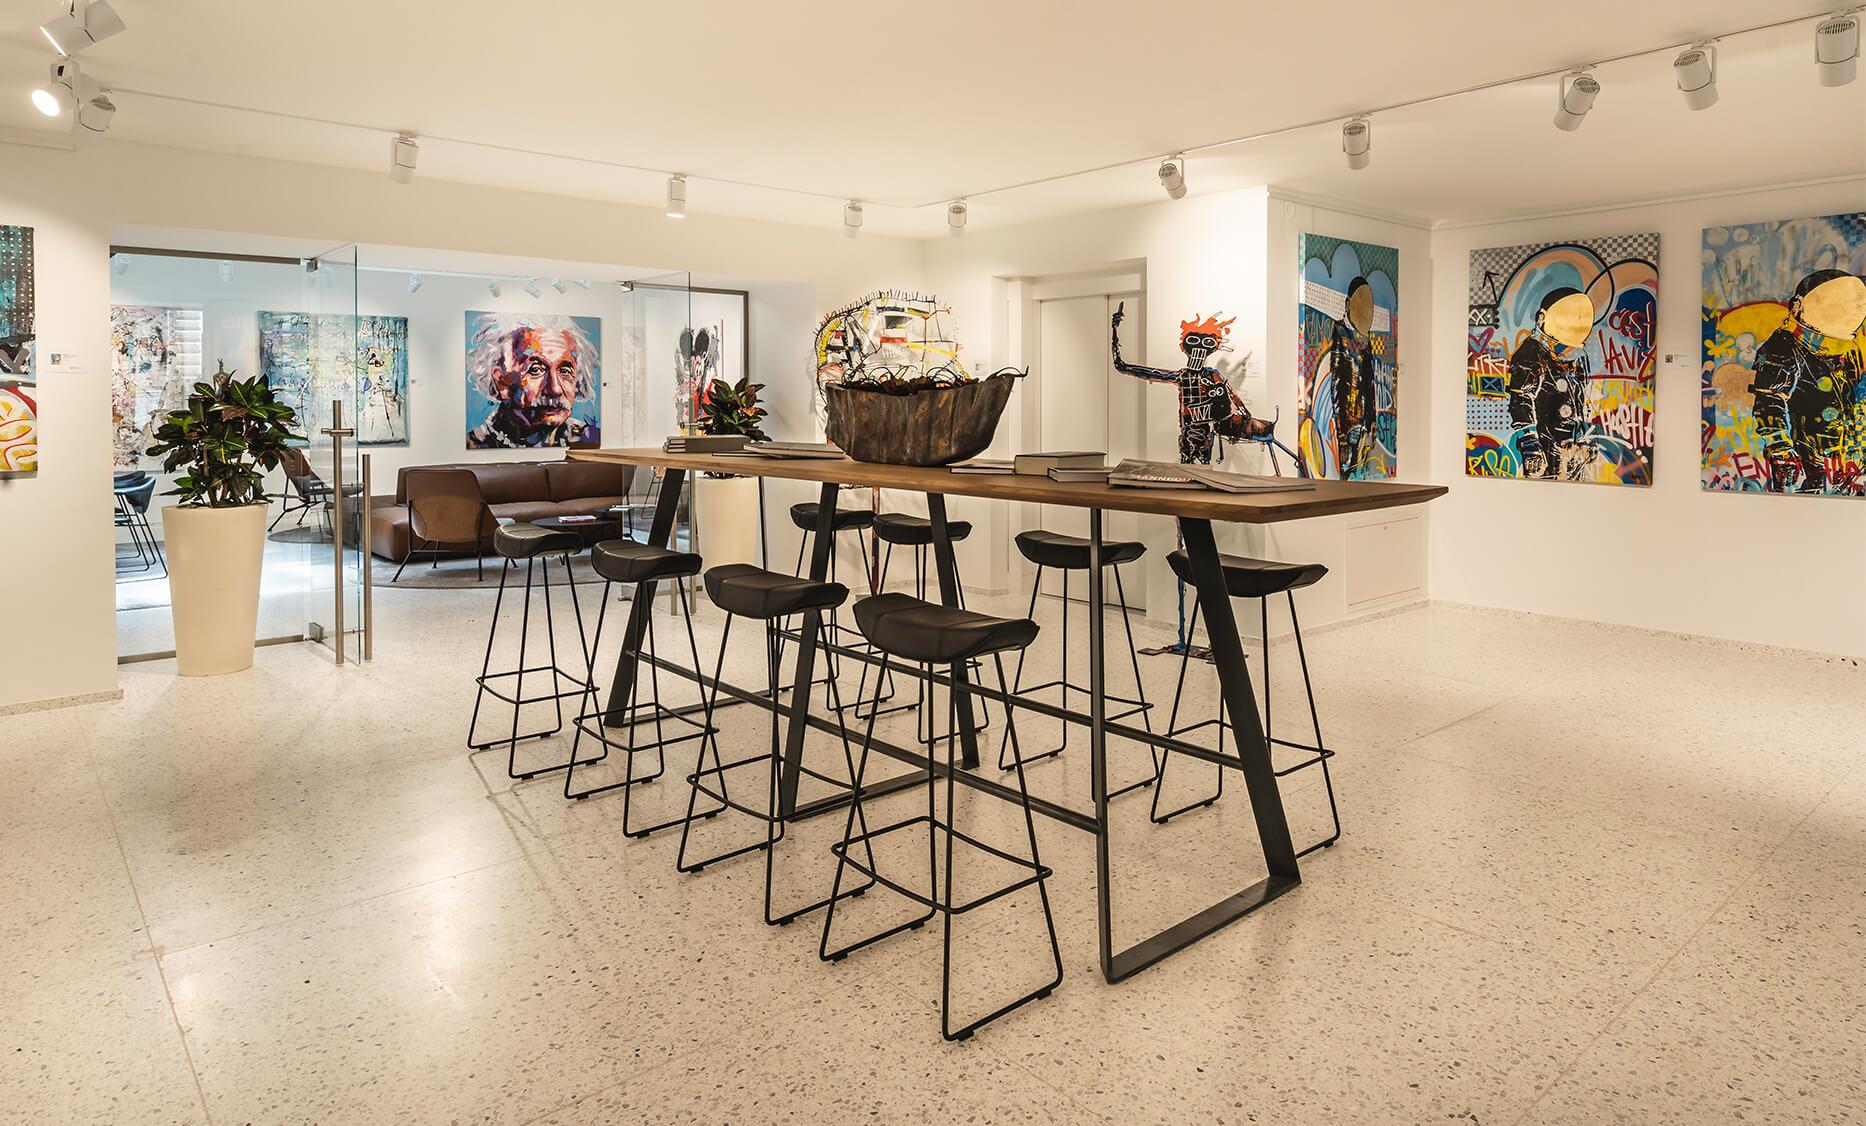 Einrichtung und Möbel von der id Werkstatt, Hochbereich mit Kuffen Metallgestell, Massivholzplatte Eiche, Hochsitzer im Reitersattel design von Freifrau, umgeben von viel Kunst